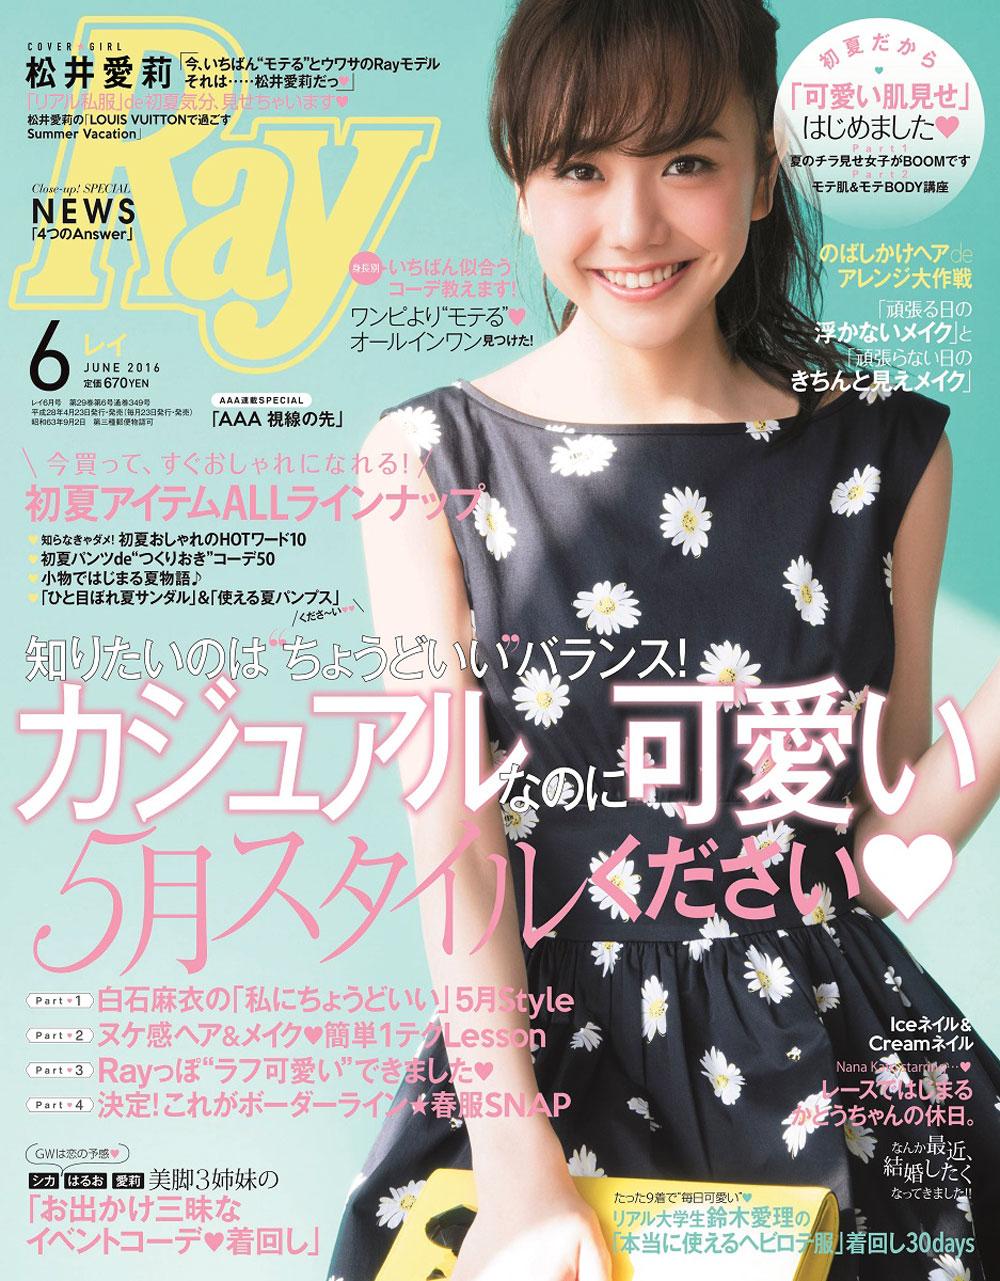 雑誌の表紙の松井愛莉さん